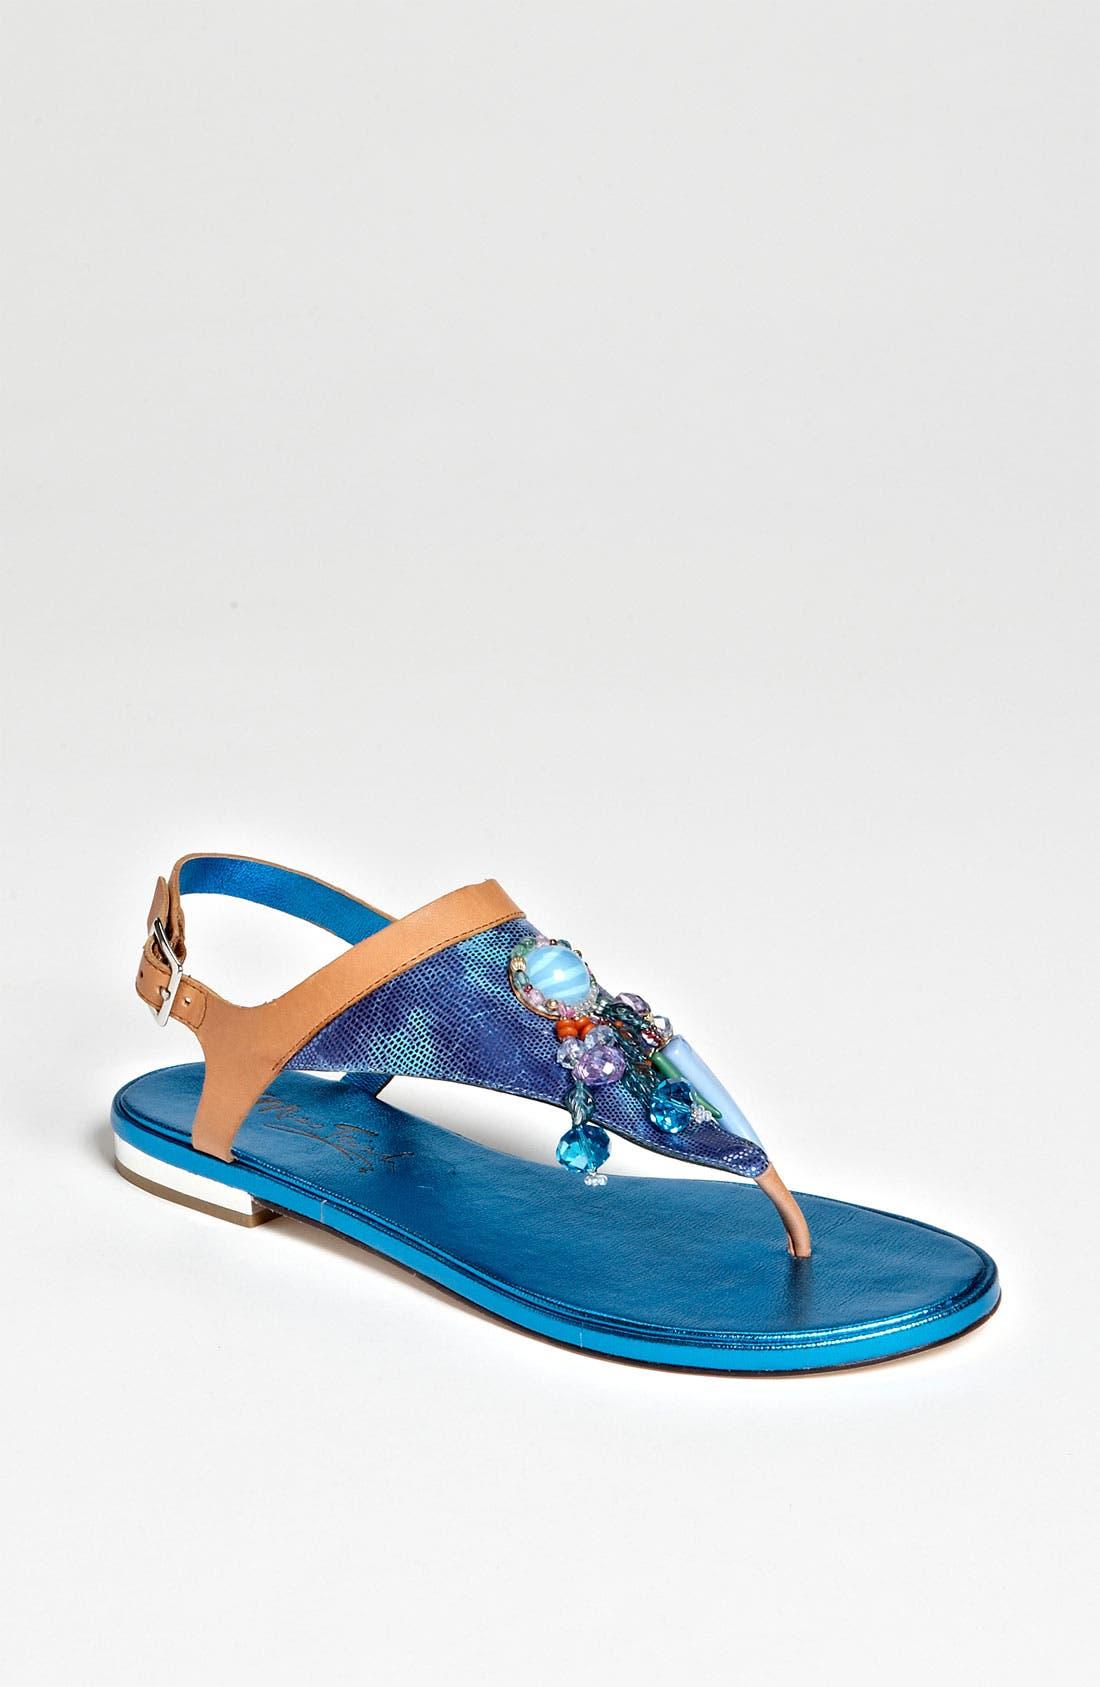 Alternate Image 1 Selected - Miss Trish 'Saber' Sandal